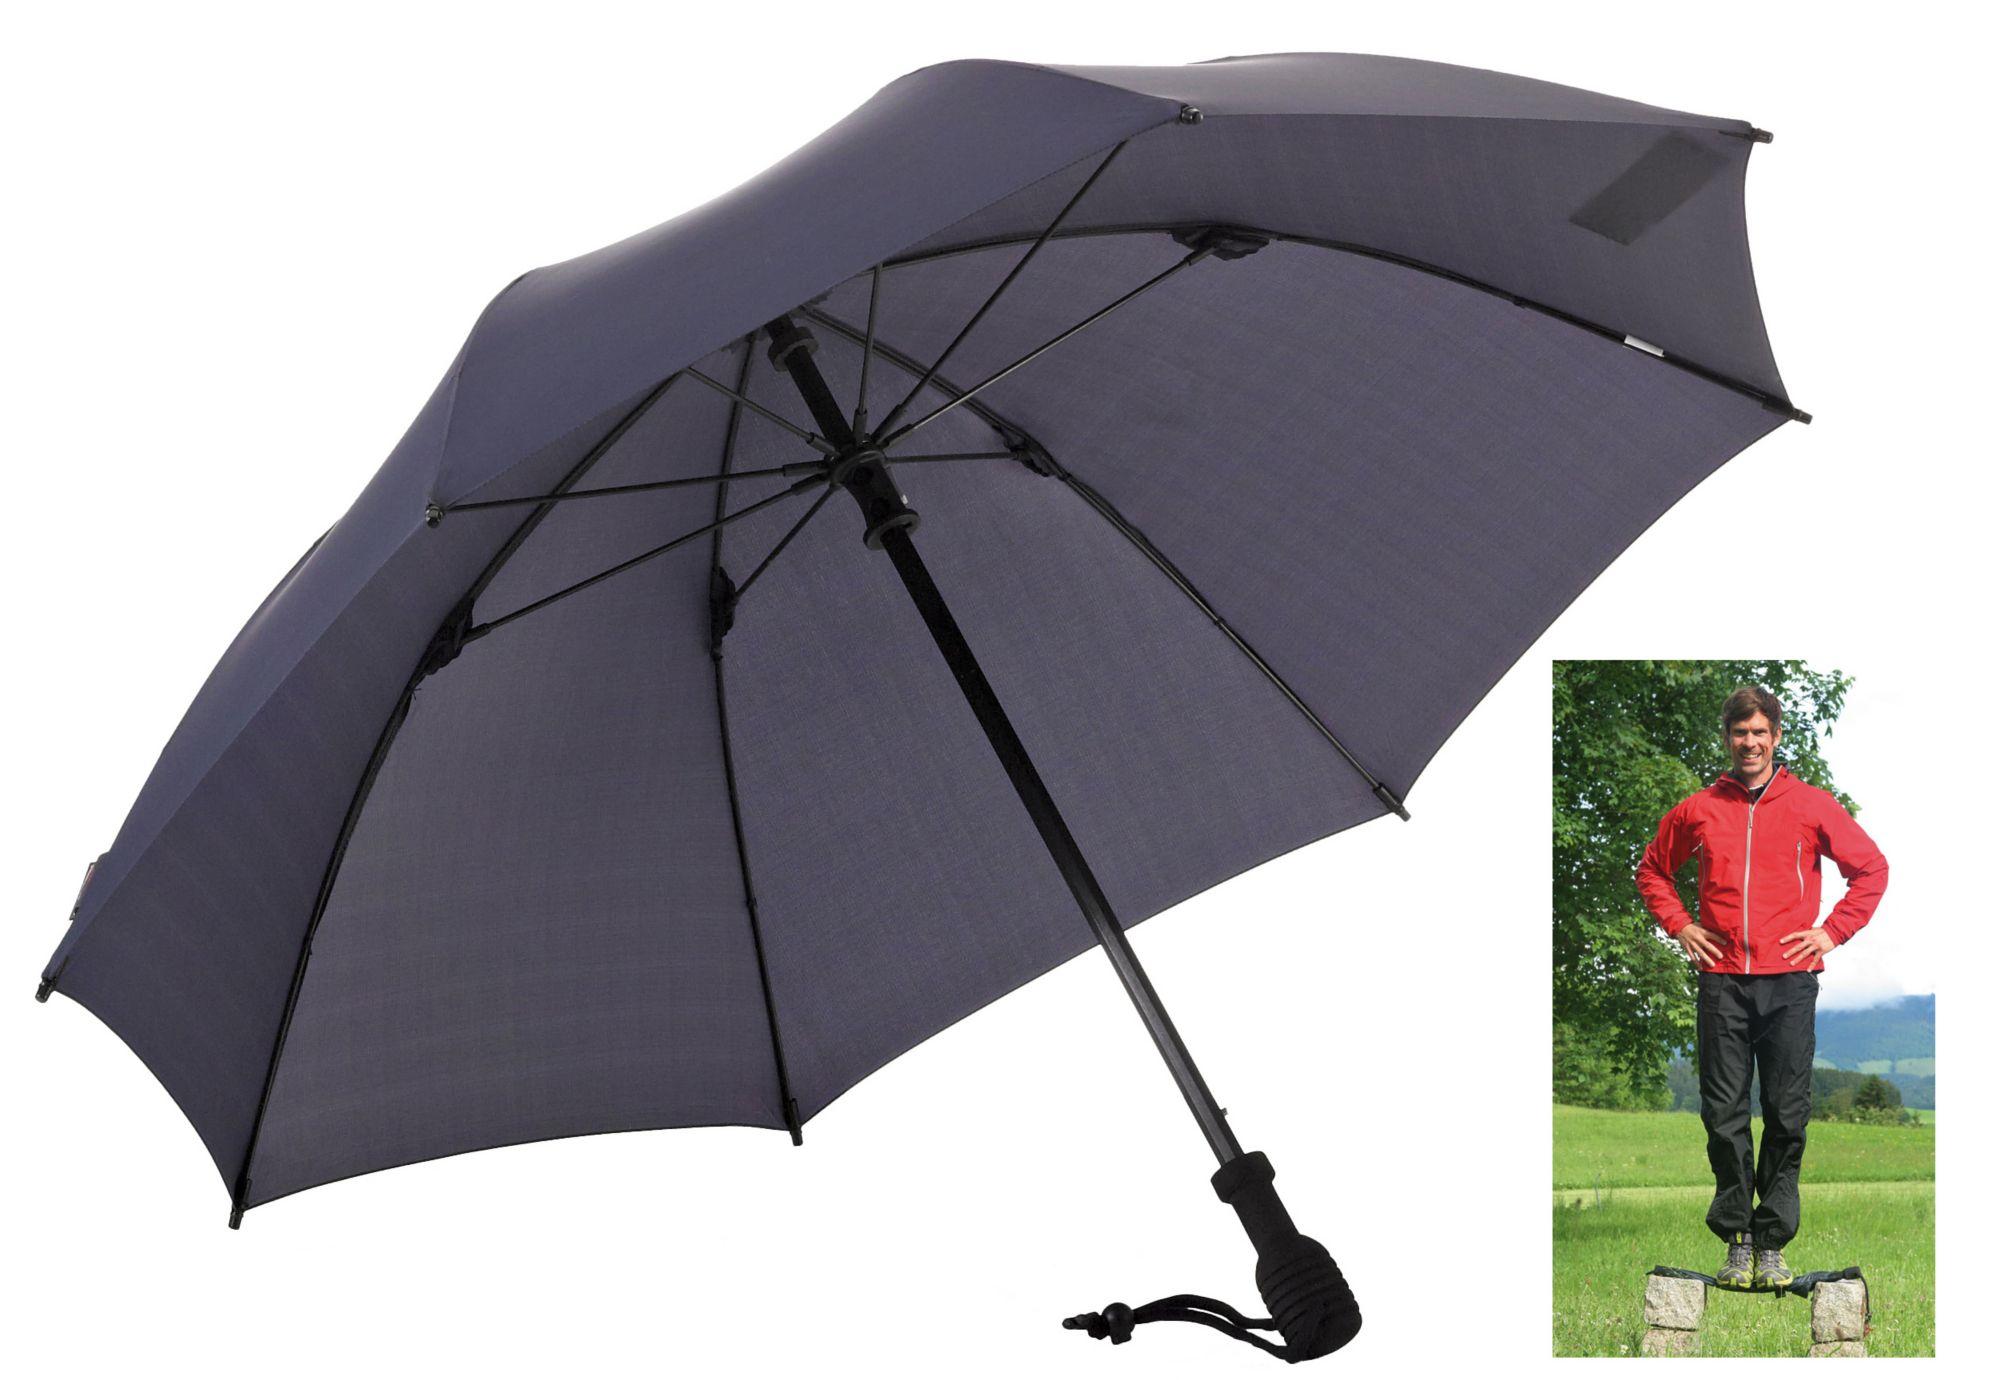 EUROSCHIRM® Euroschirm® Regenschirm, »birdiepal® octagon Trekkingschirm«